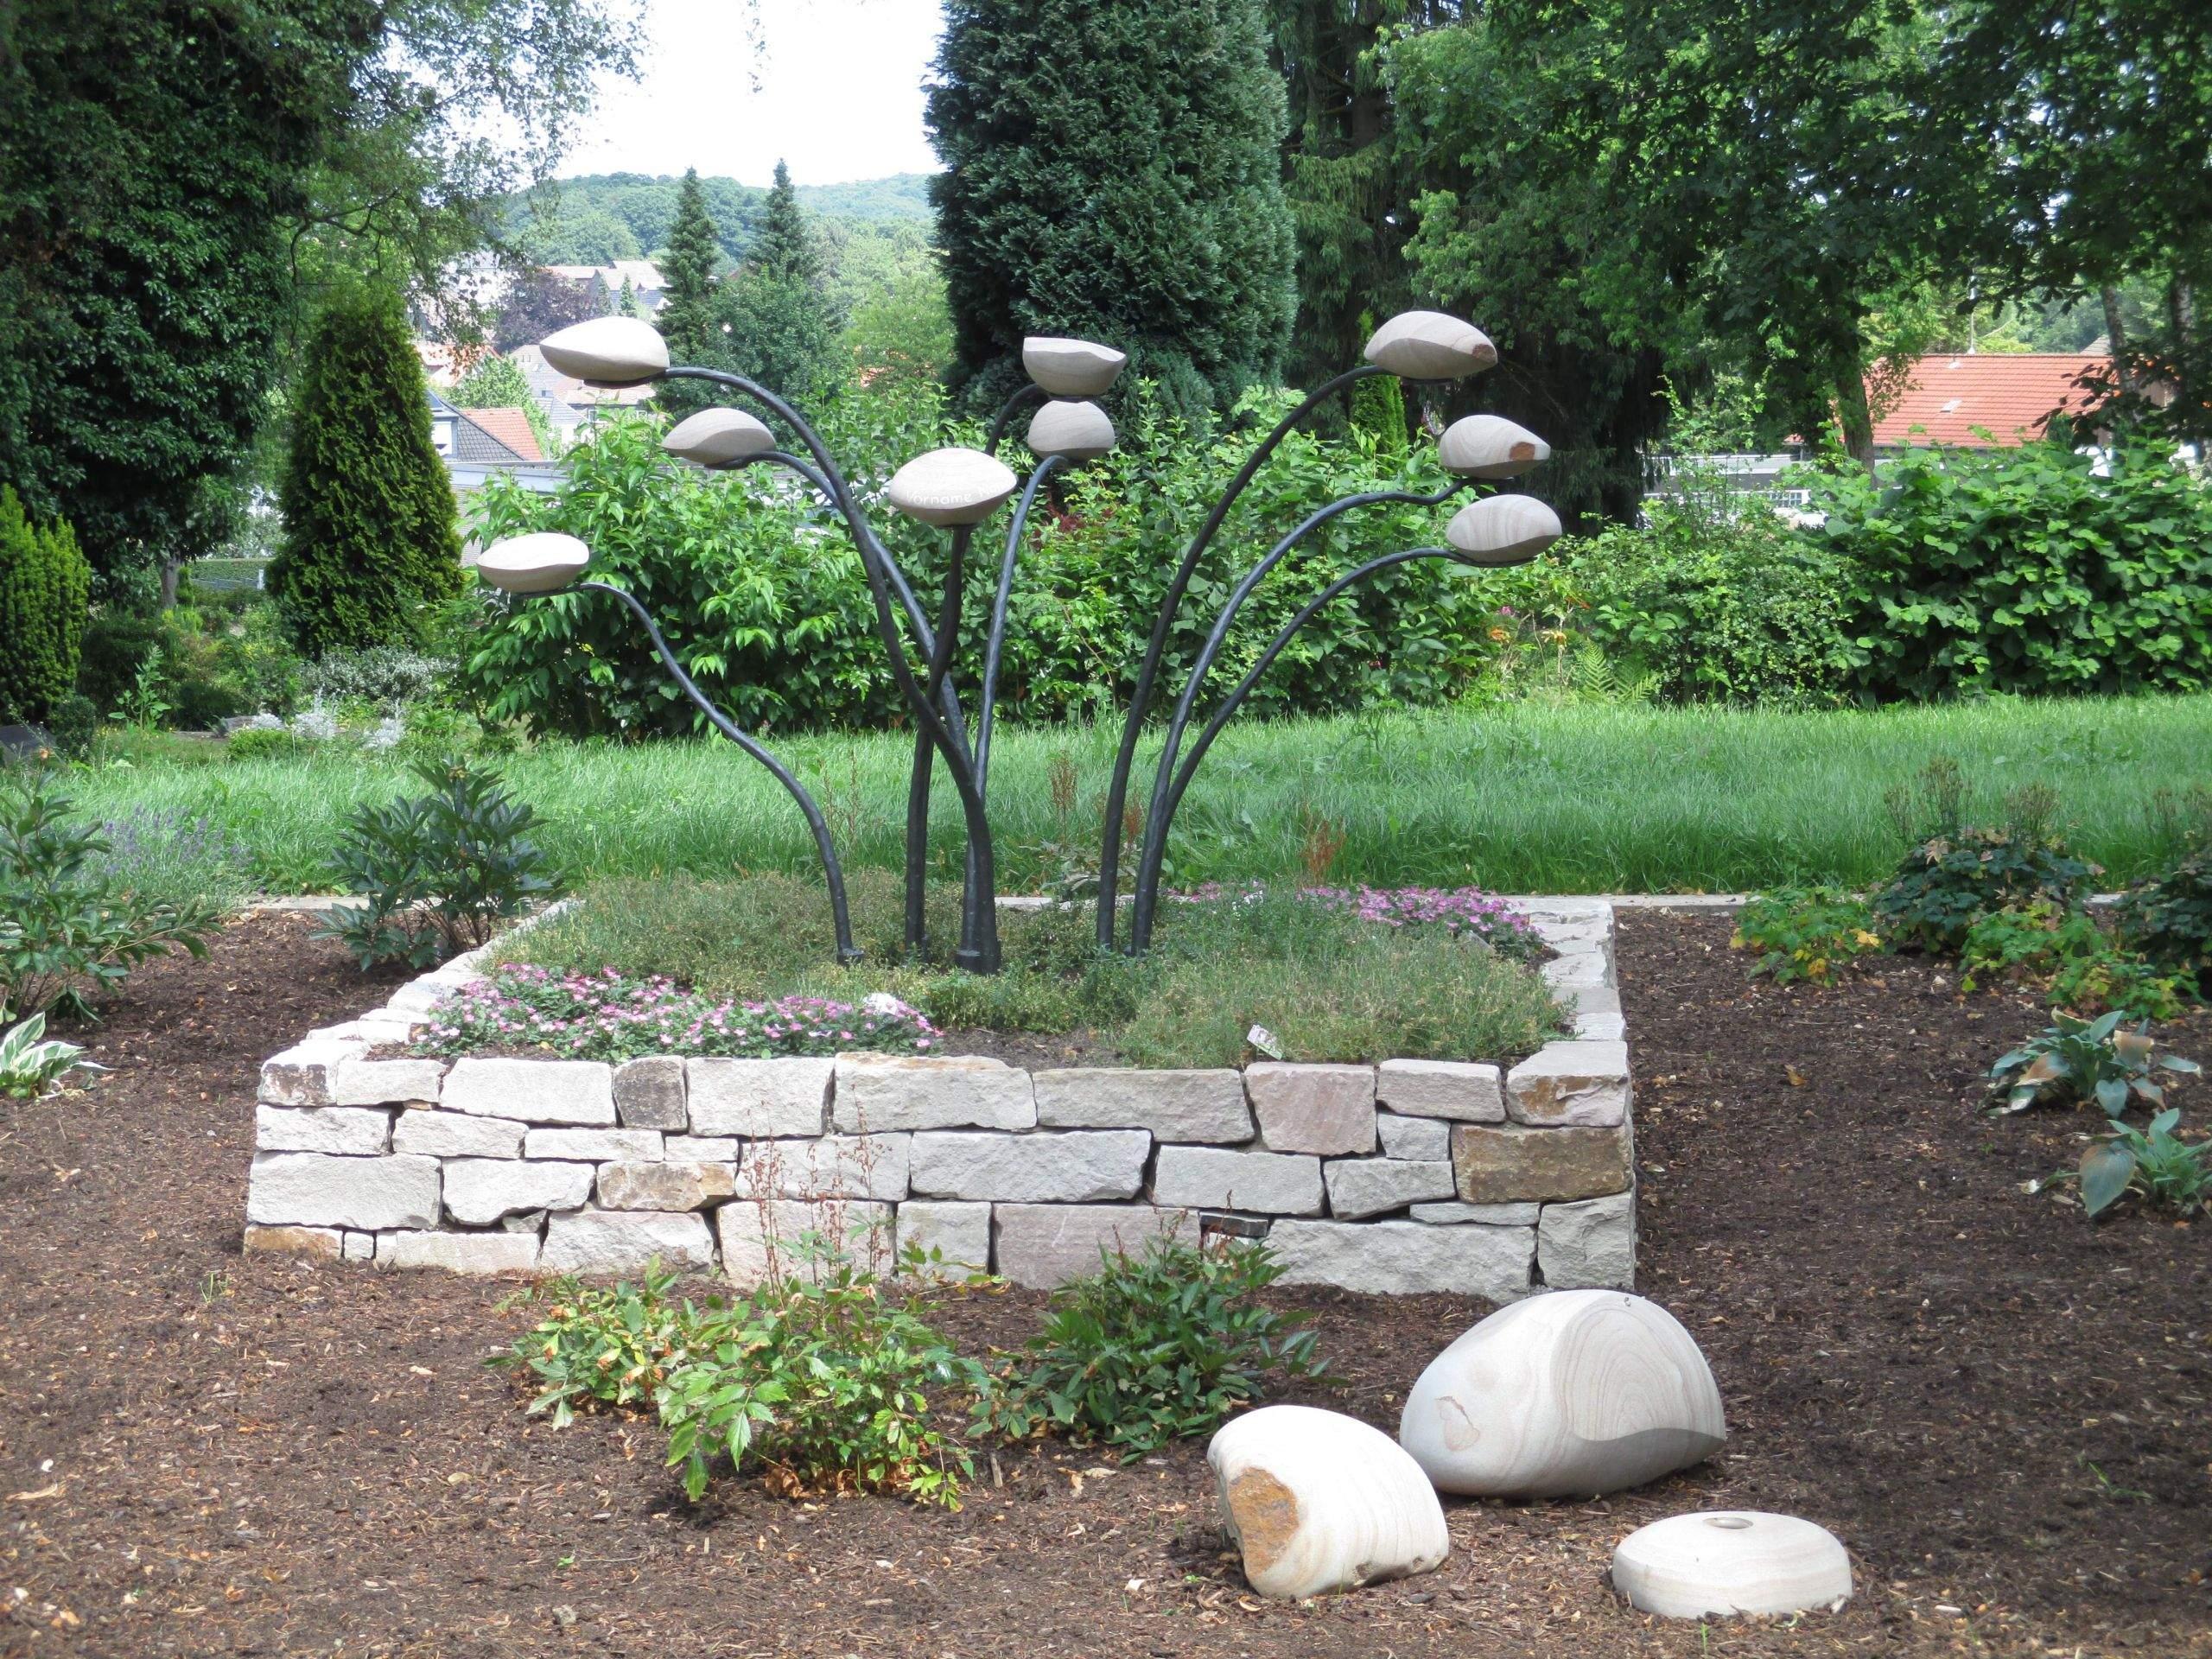 asia garten zumwalde reizend datei niedersprockhovel ev friedhof grabgestaltung steinod of asia garten zumwalde scaled